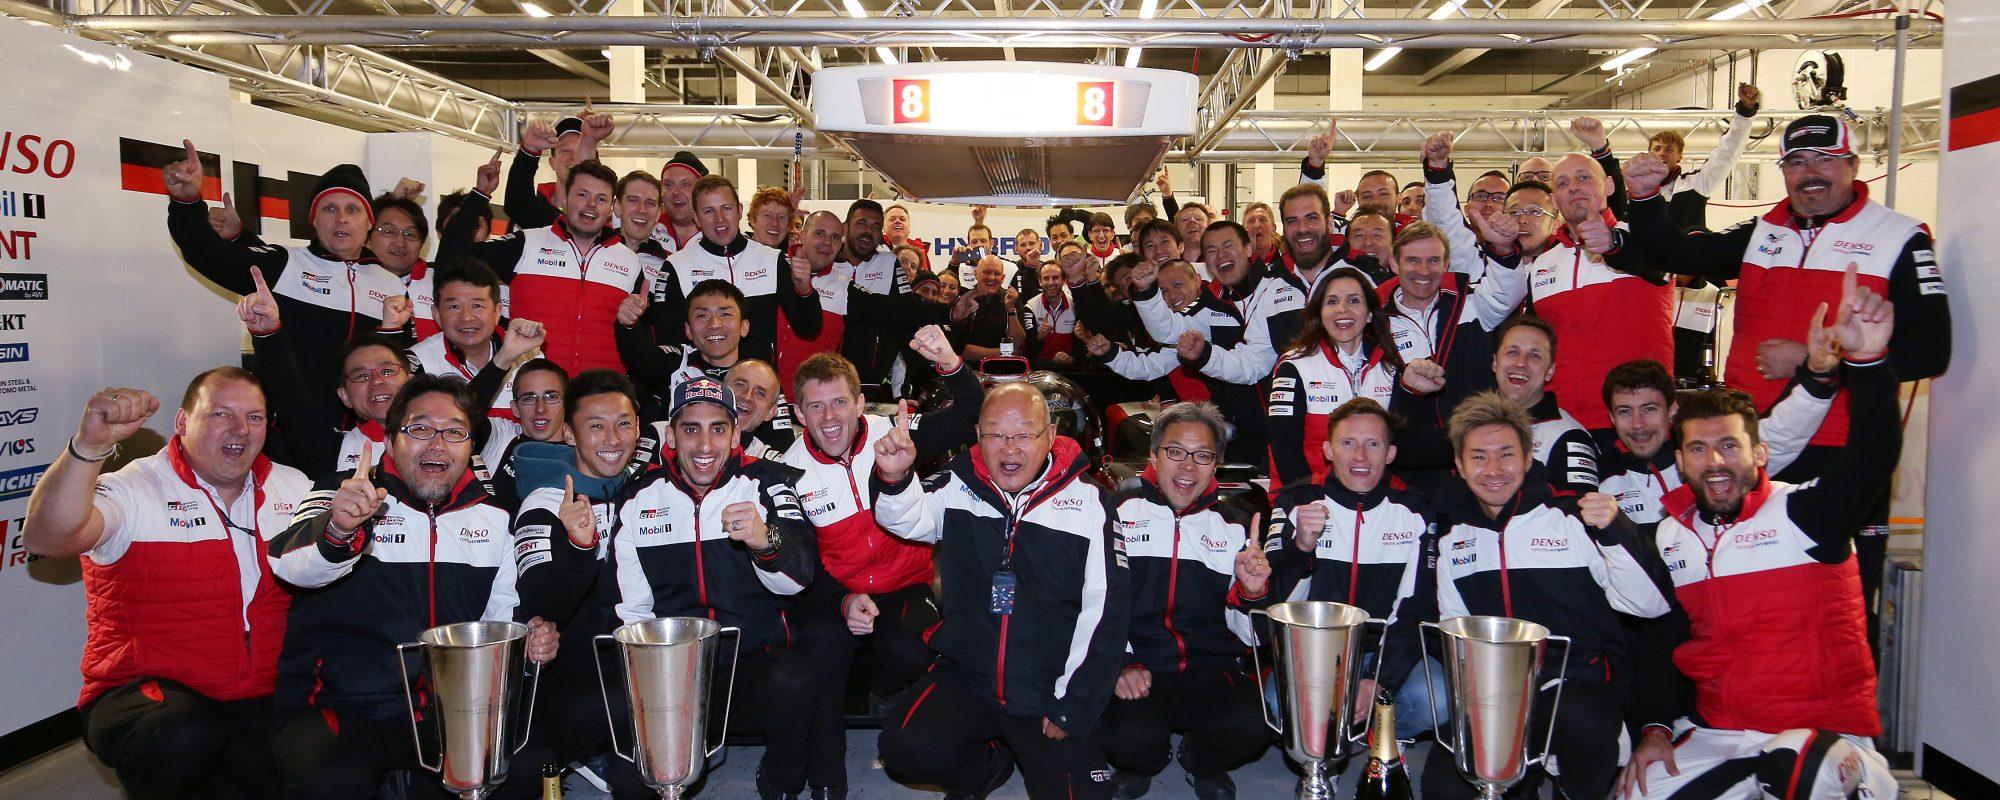 Winst voor Toyota GAZOO Racing tijdens 6 uren van  Silverstone!